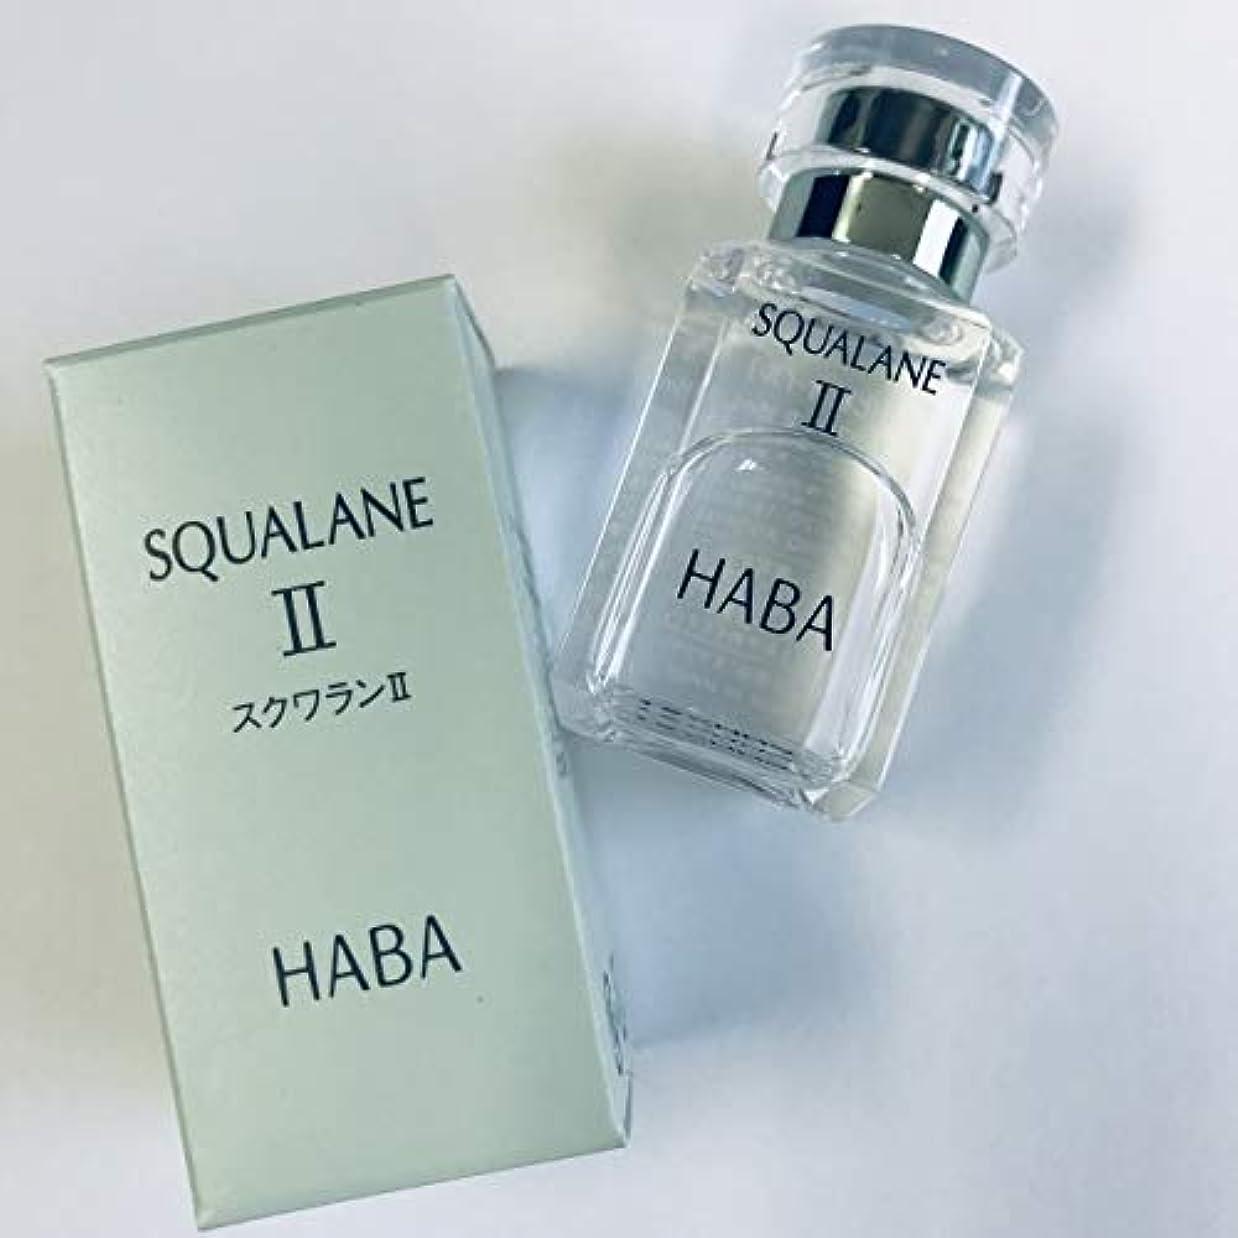 落ち着いて宿題をする令状HABA ハーバー  スクワランII 15mL